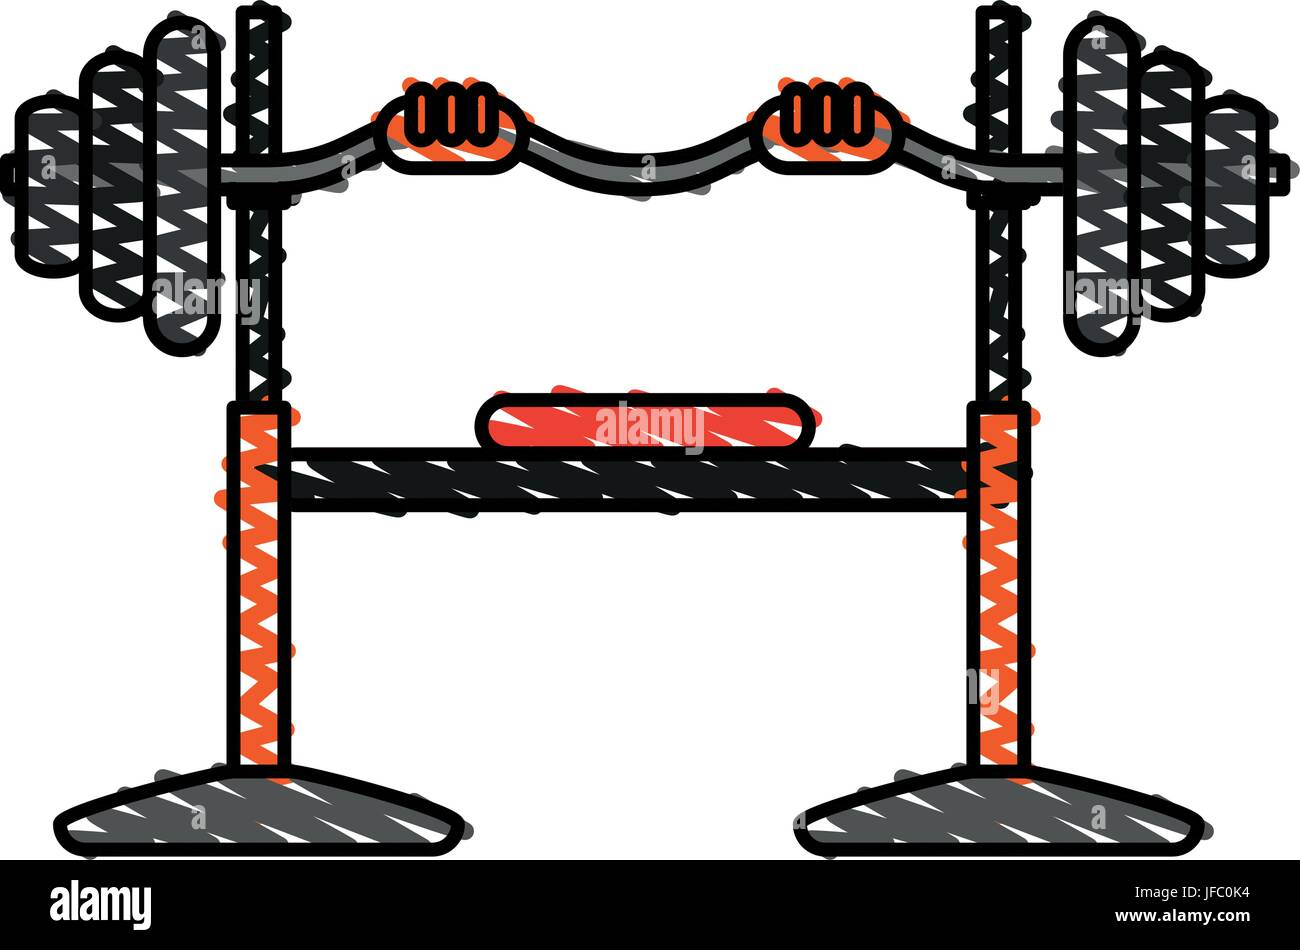 barbell vector illustration - Stock Vector